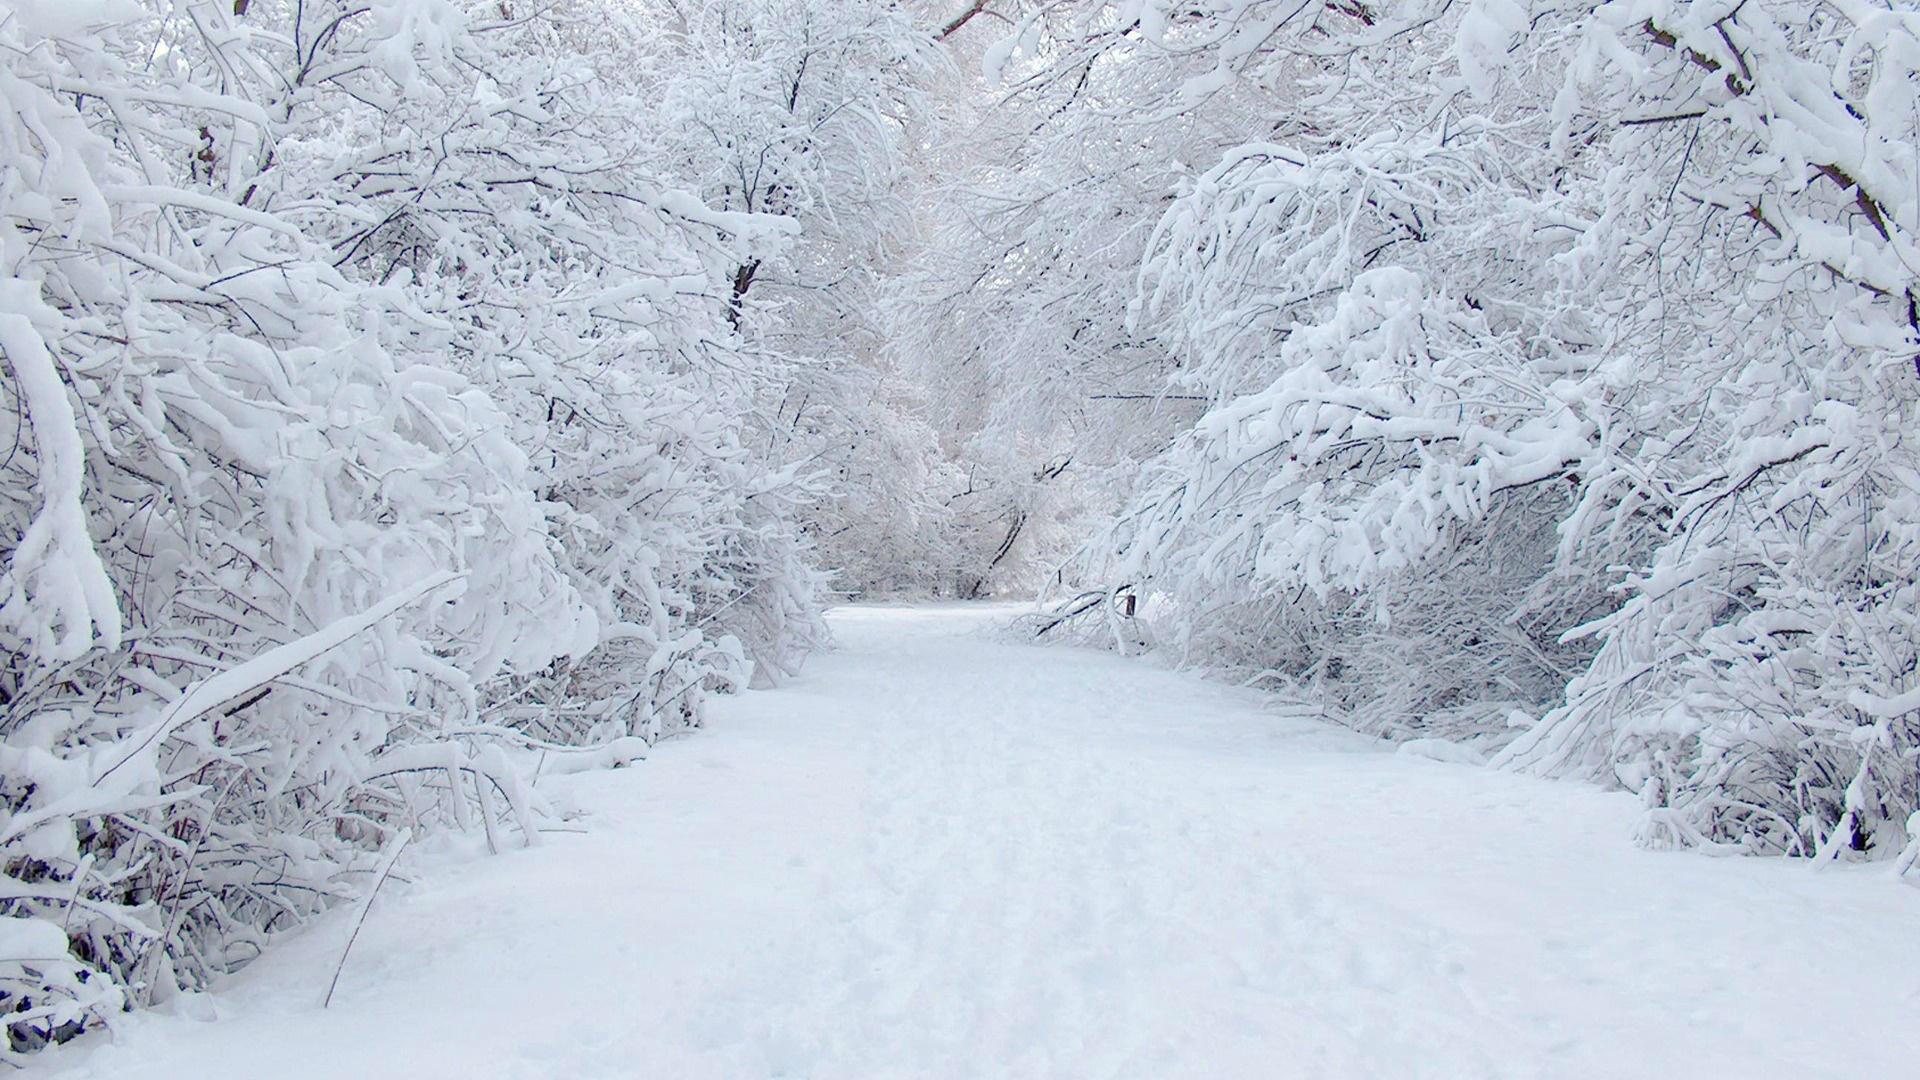 Res: 1920x1080, Snowfall Wallpaper